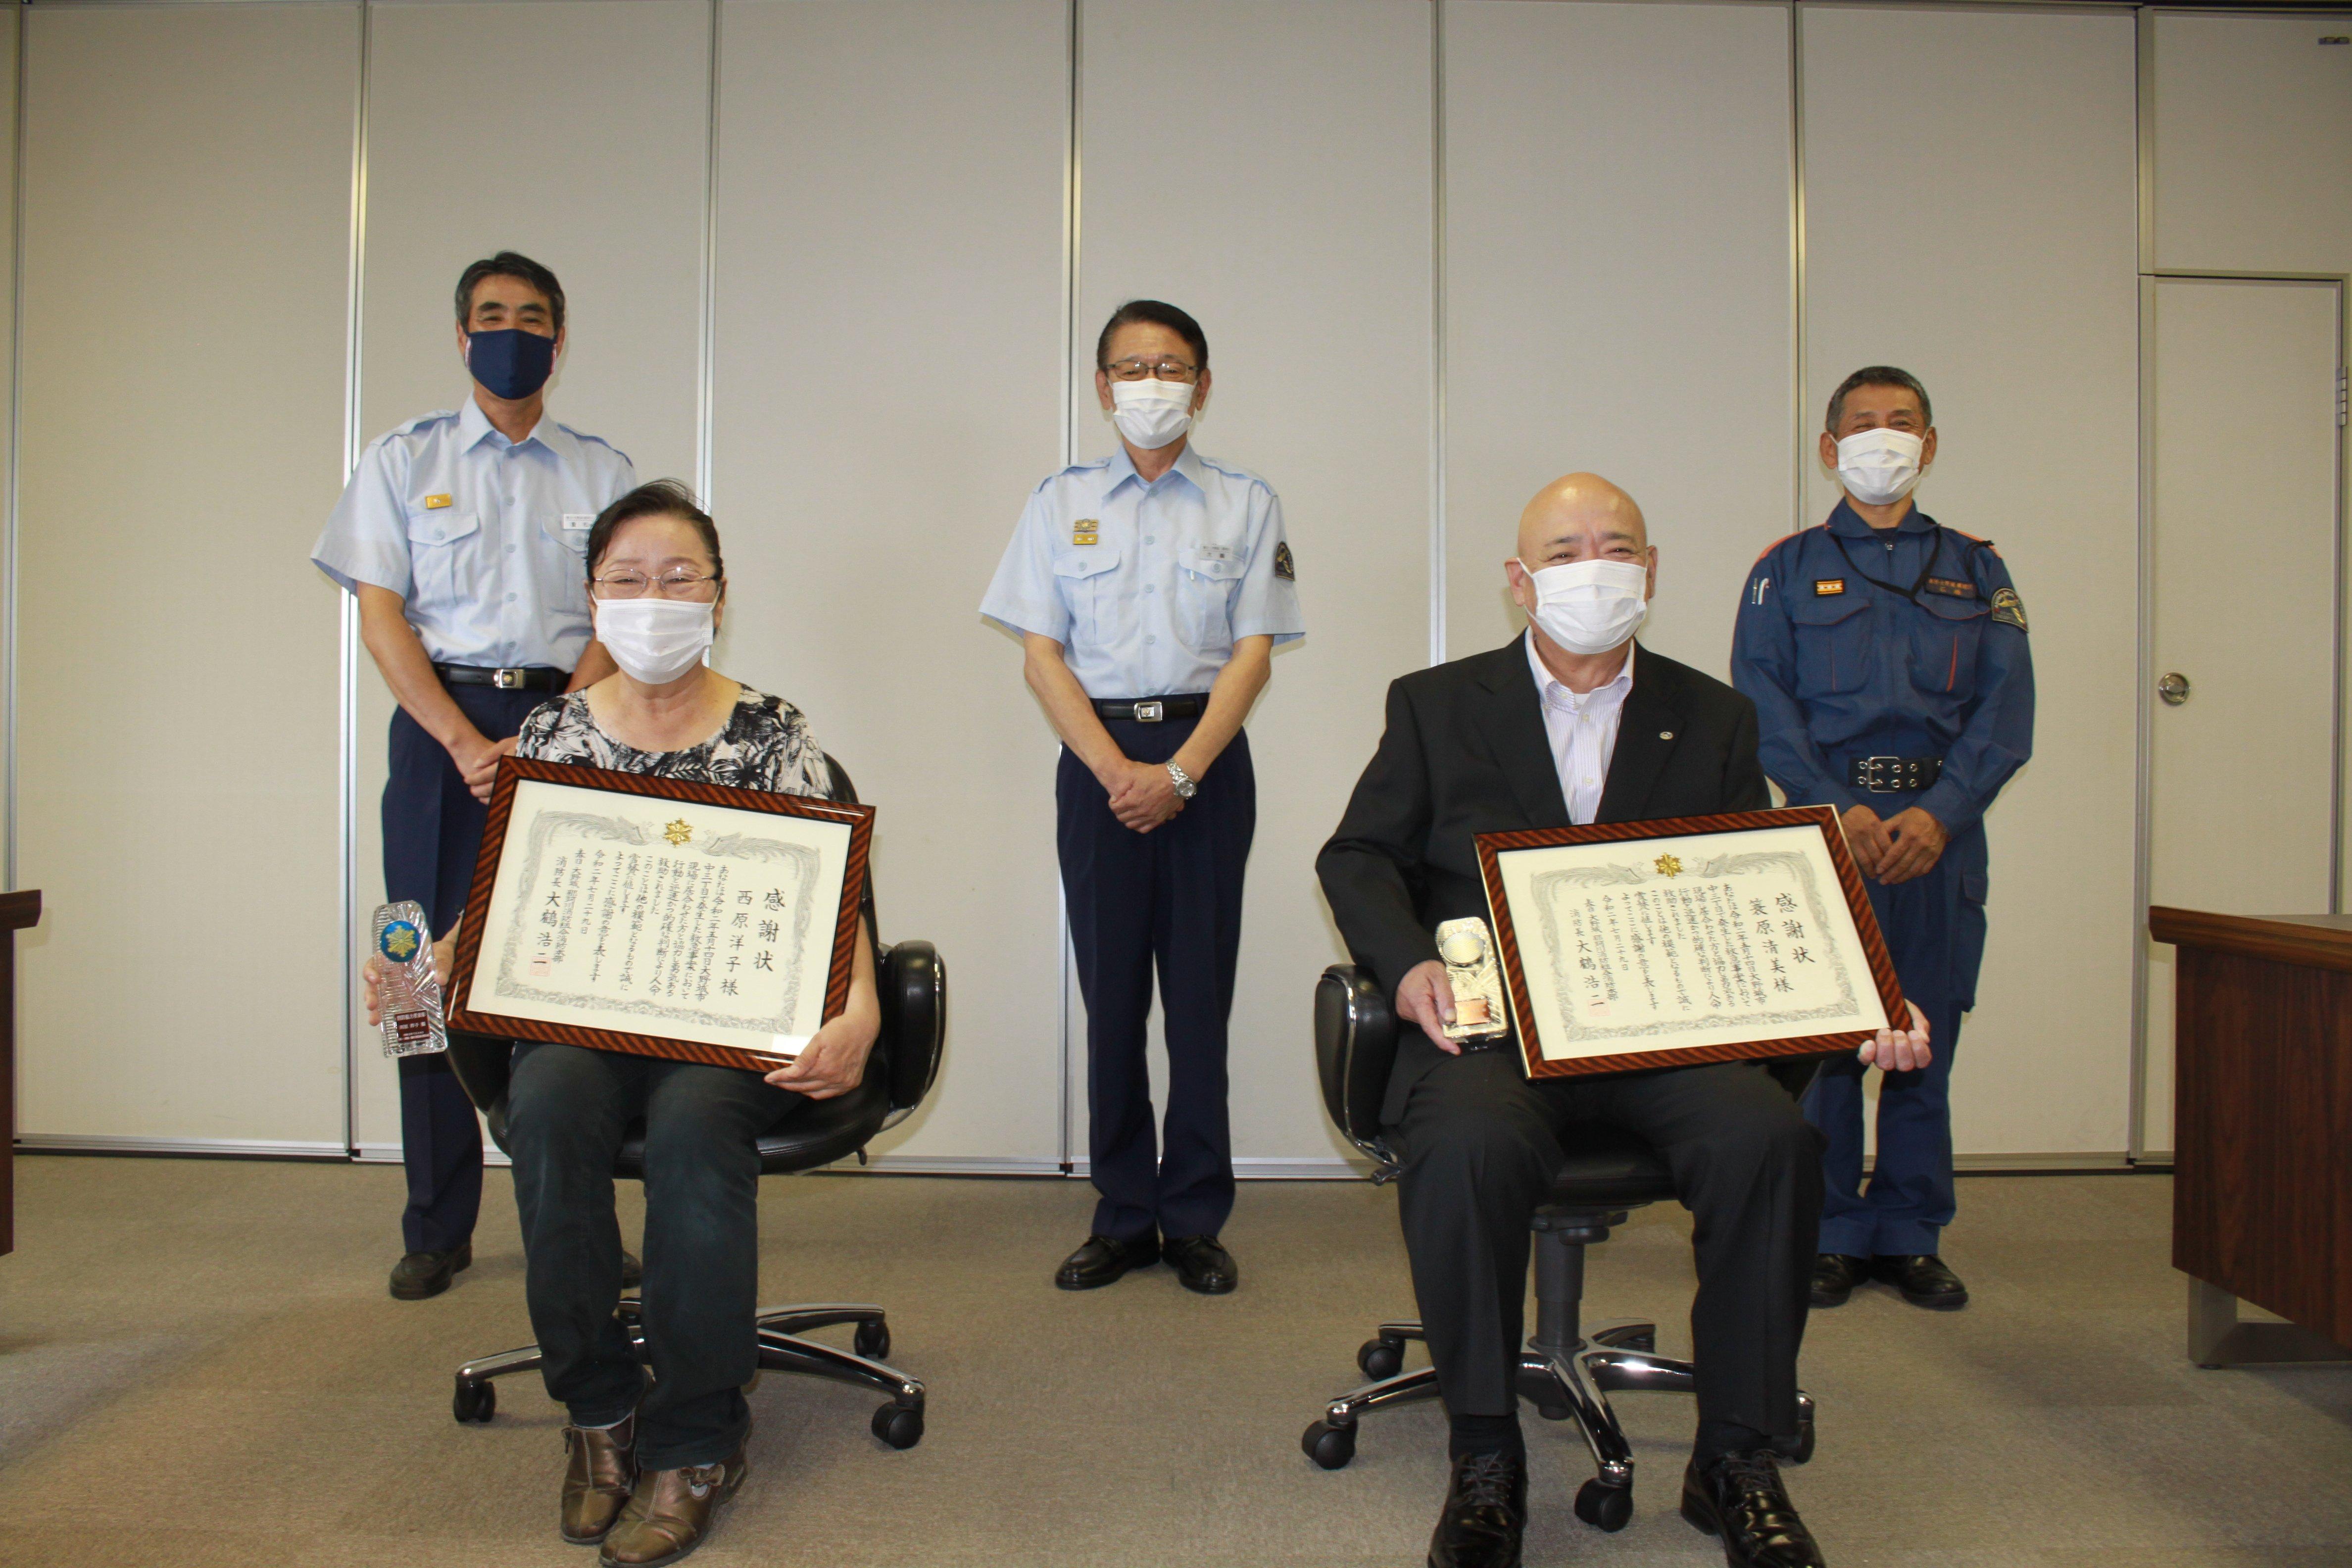 消防協力者表彰を行いました!の画像